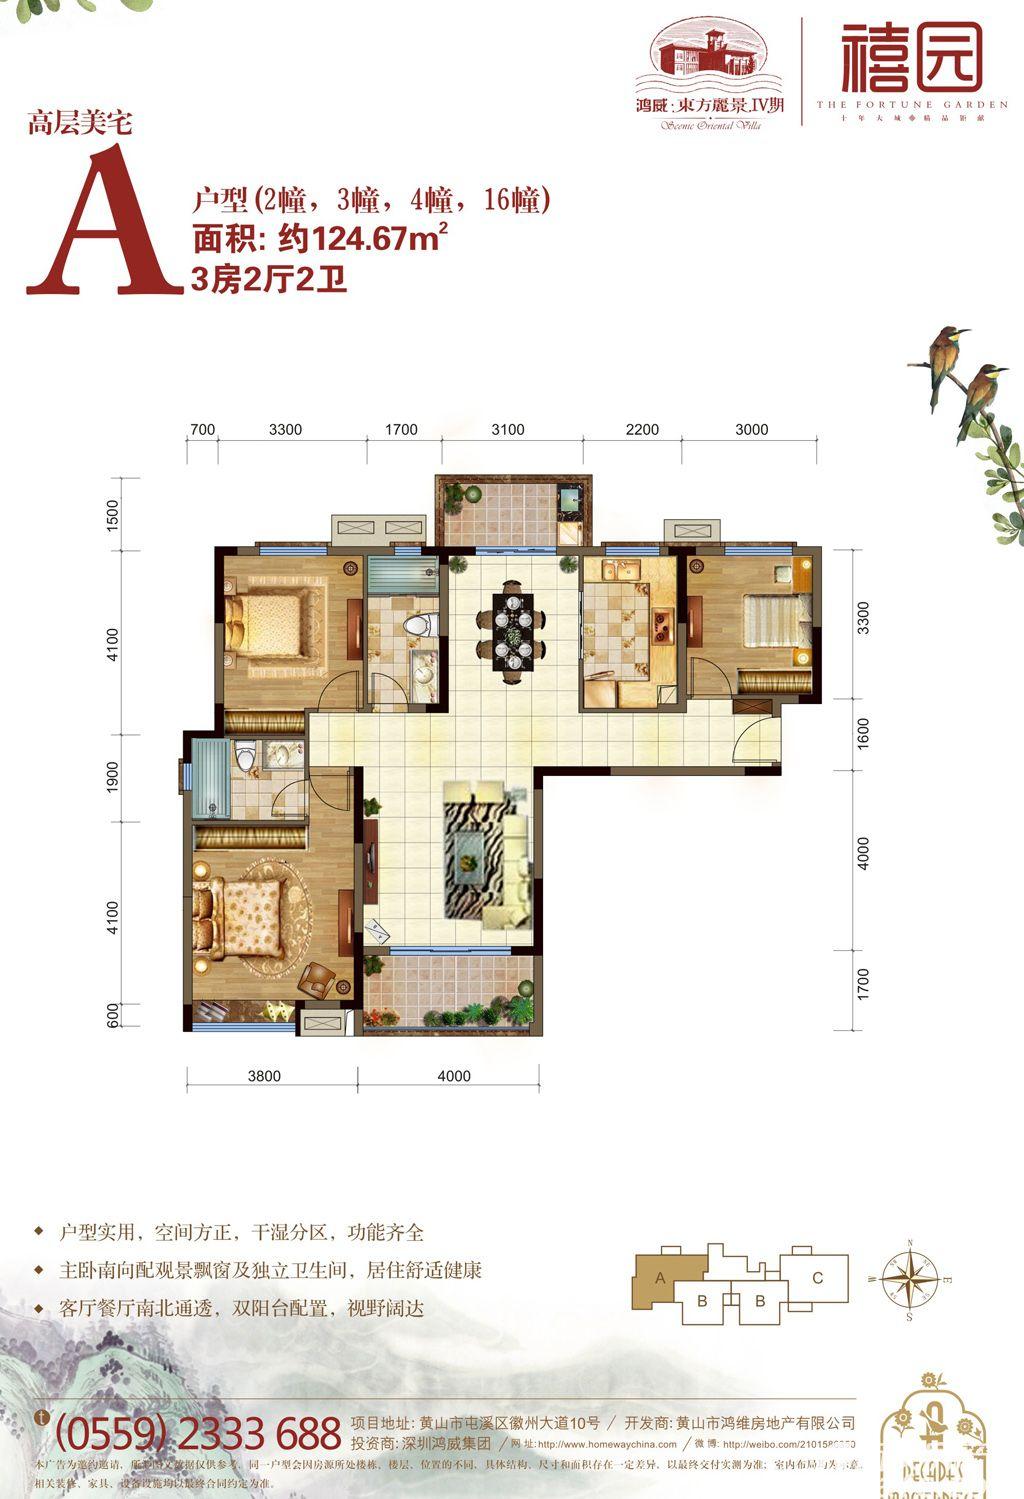 鸿威东方丽景禧园A户型(2#3#4#16#)3室2厅125平米